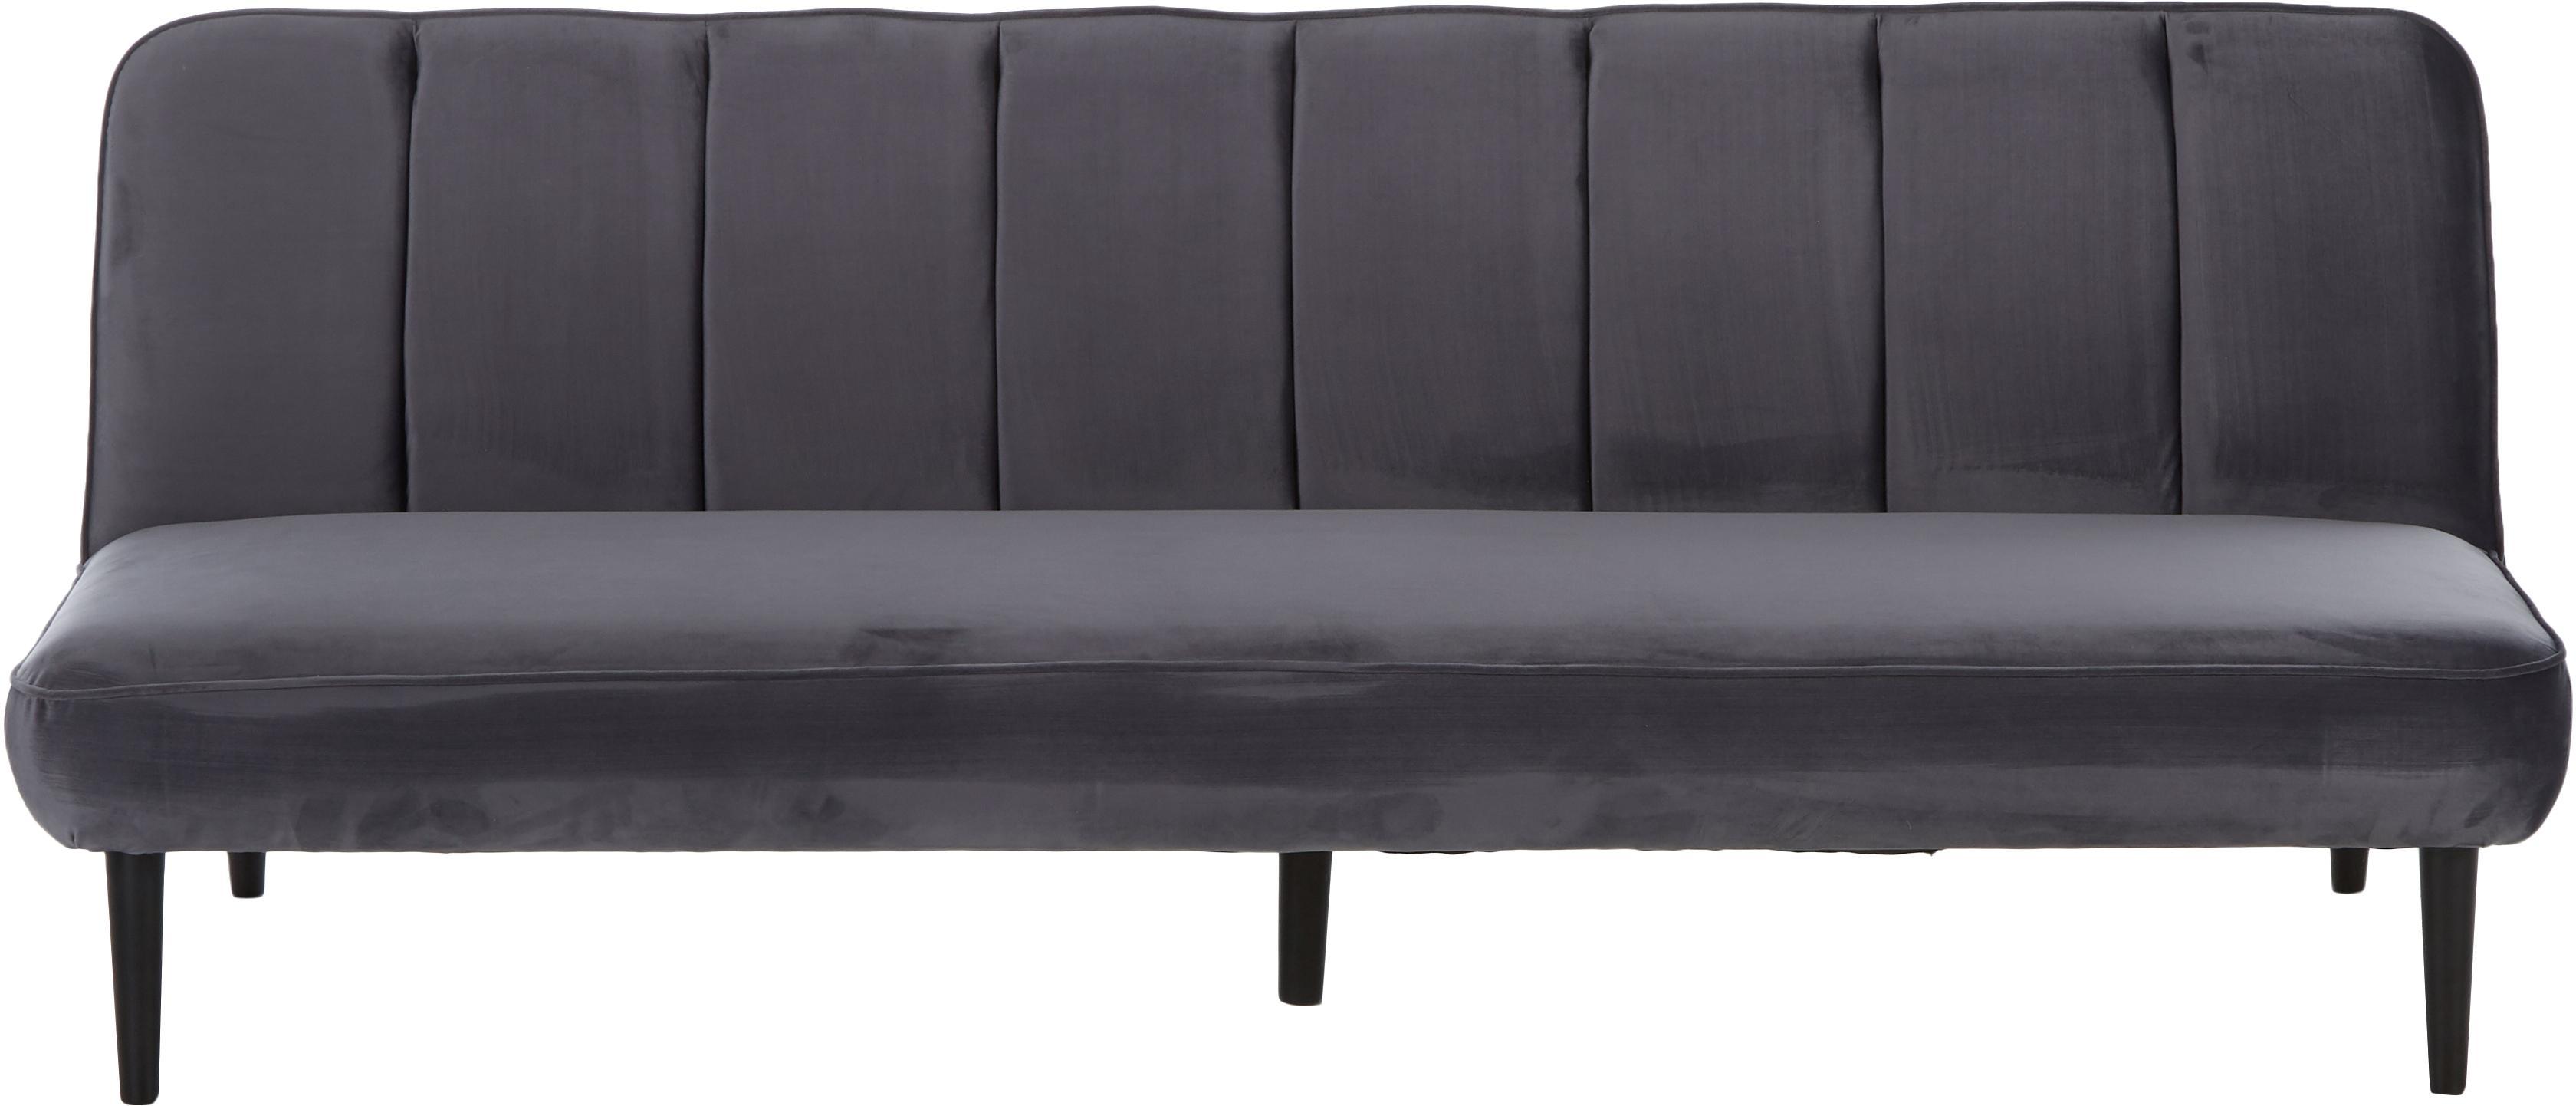 Sofá cama de terciopelo Hayley, Tapizado: terciopelo (poliéster) 28, Estructura: madera de pino, Patas: madera de caucho, pintado, Gris, An 200 x F 89 cm